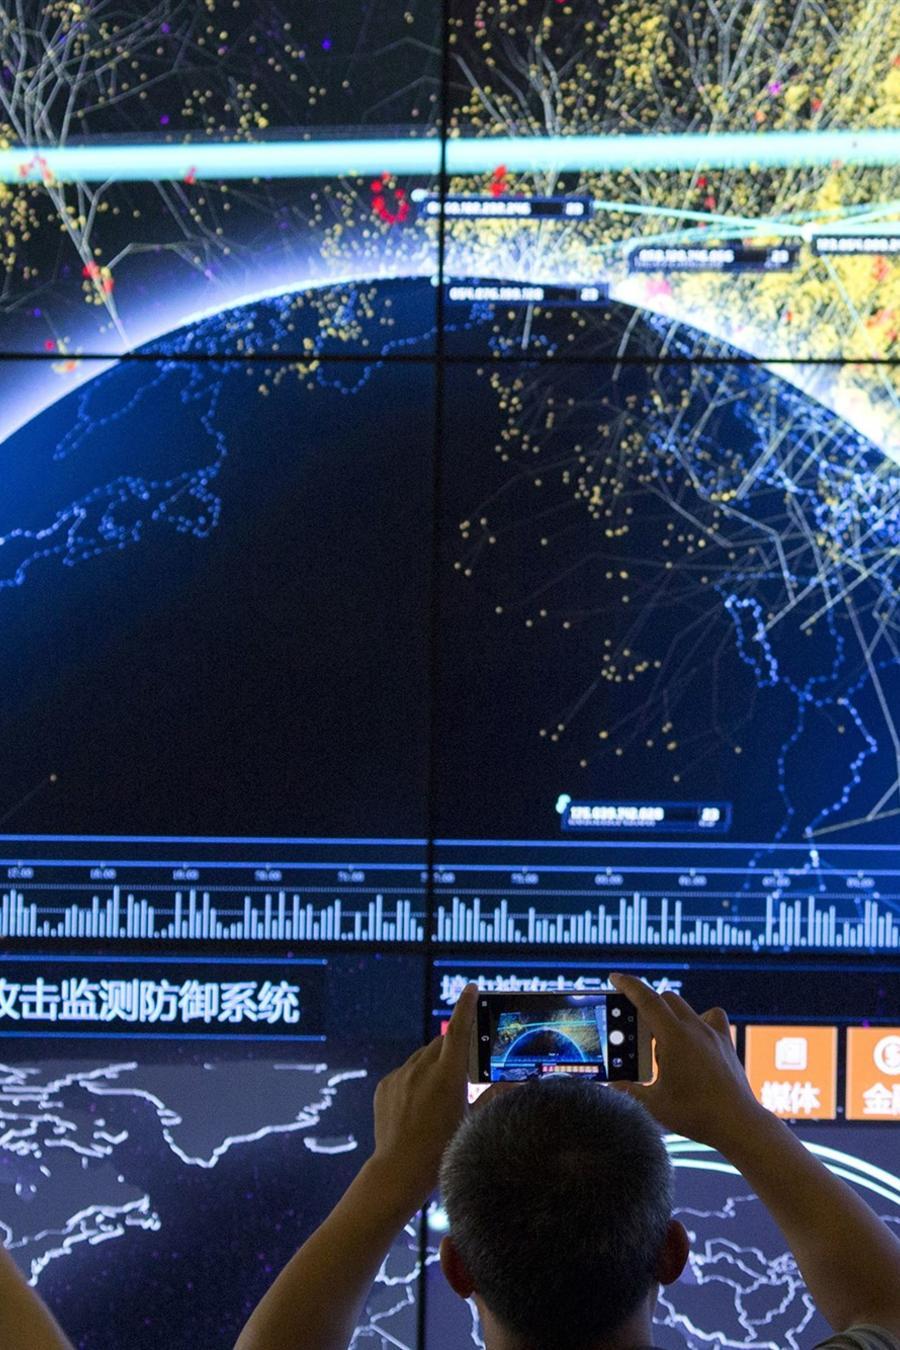 Un asistente toma una foto de una visualización de los ataques globales de Internet durante la 4ta Conferencia de Seguridad de Internet de China en Beijing el 16 de agosto de 2016.